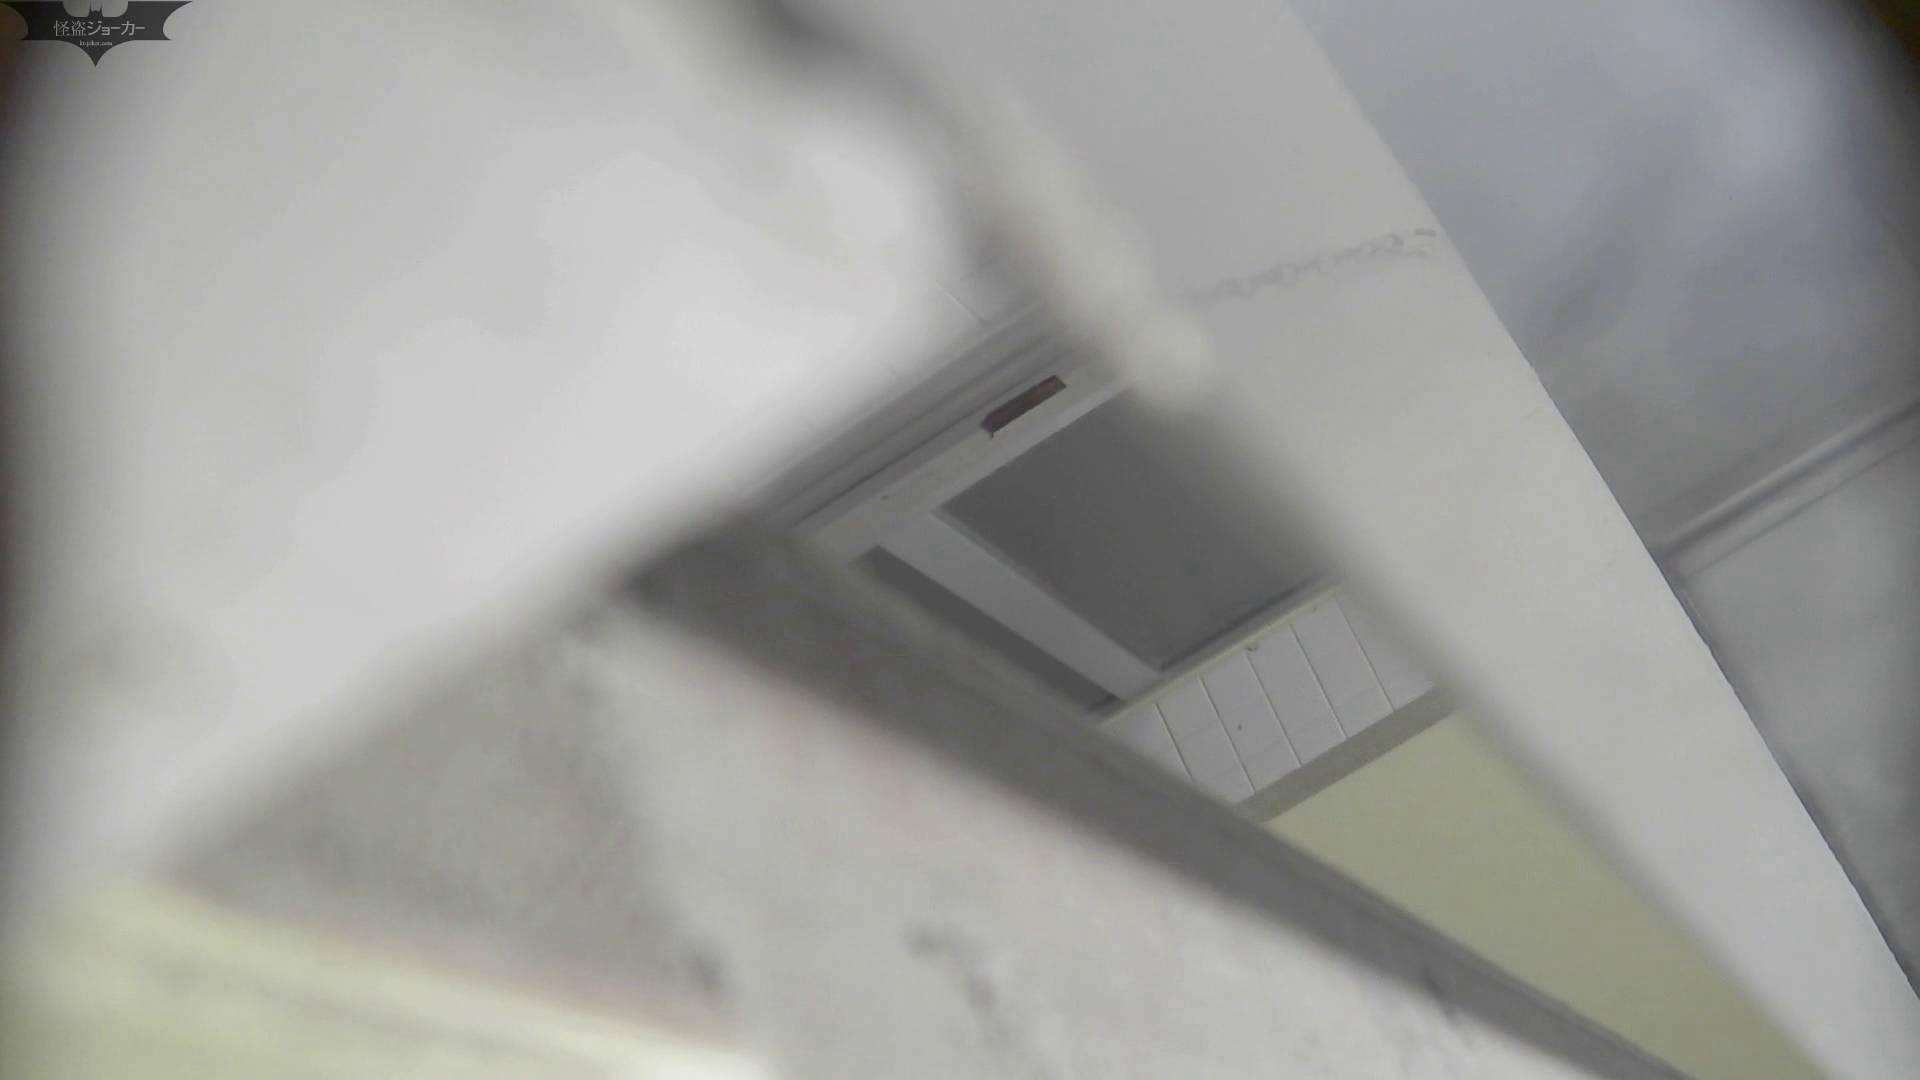 洗面所特攻隊 vol.57過食症に悩む美女 高画質 ワレメ無修正動画無料 82枚 34